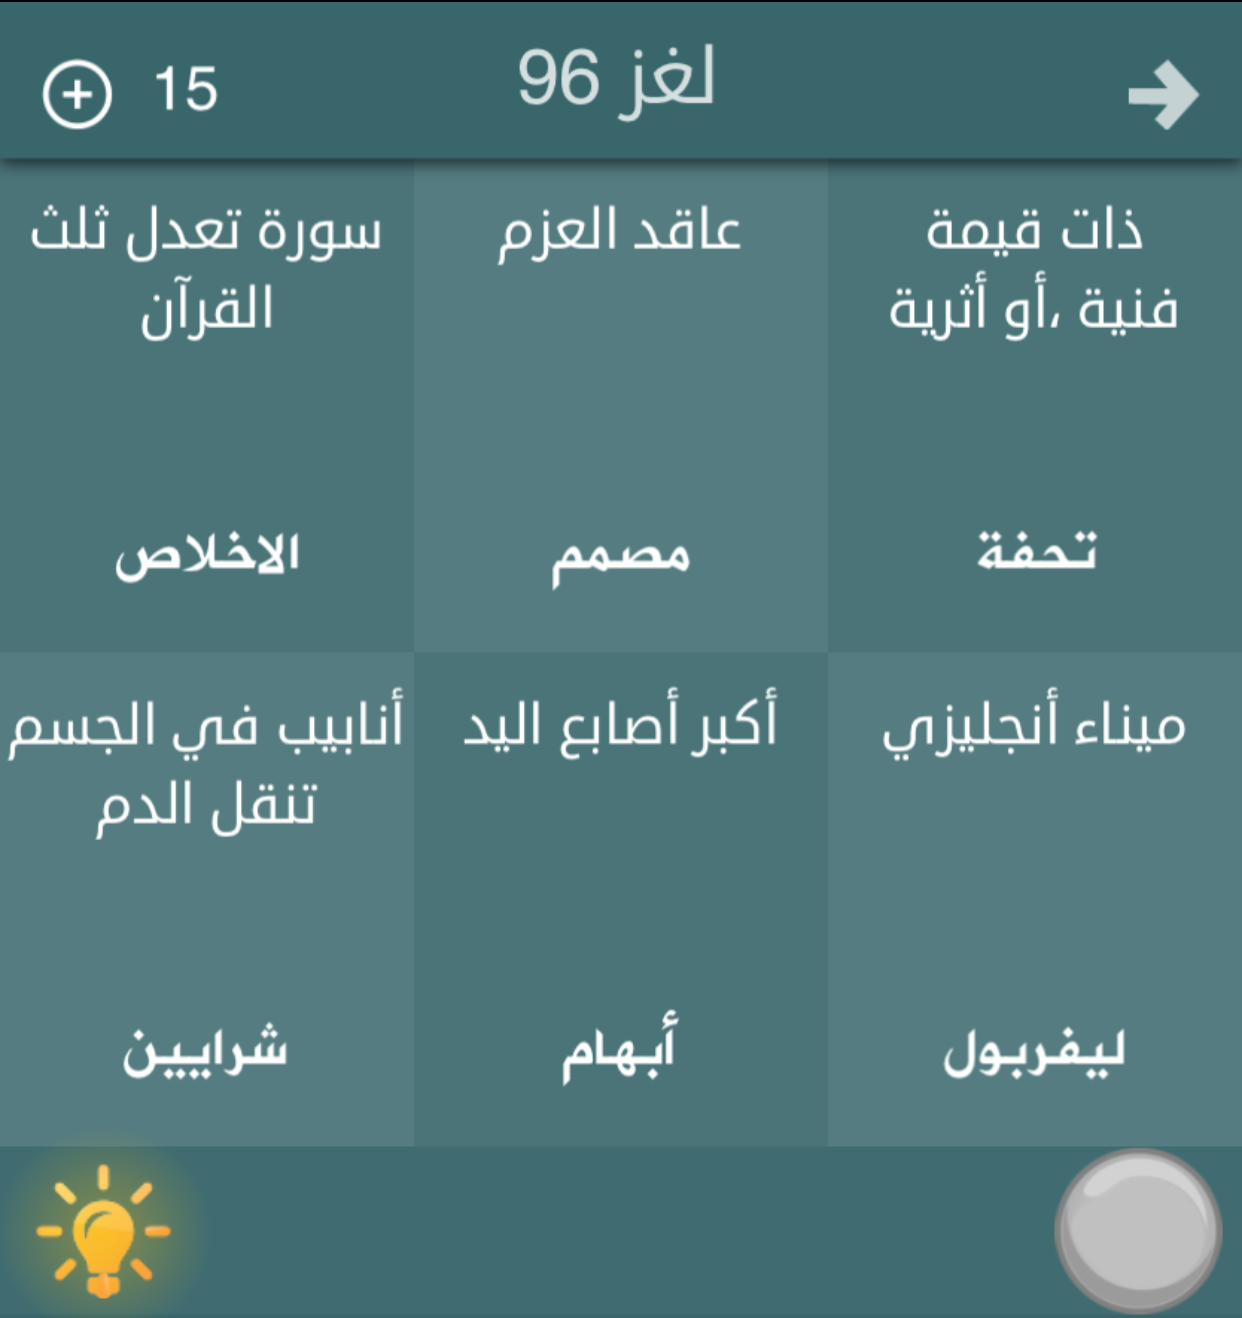 حل لعبة فطحل العرب معلومات عامة المجموعة الخامسة من لغز